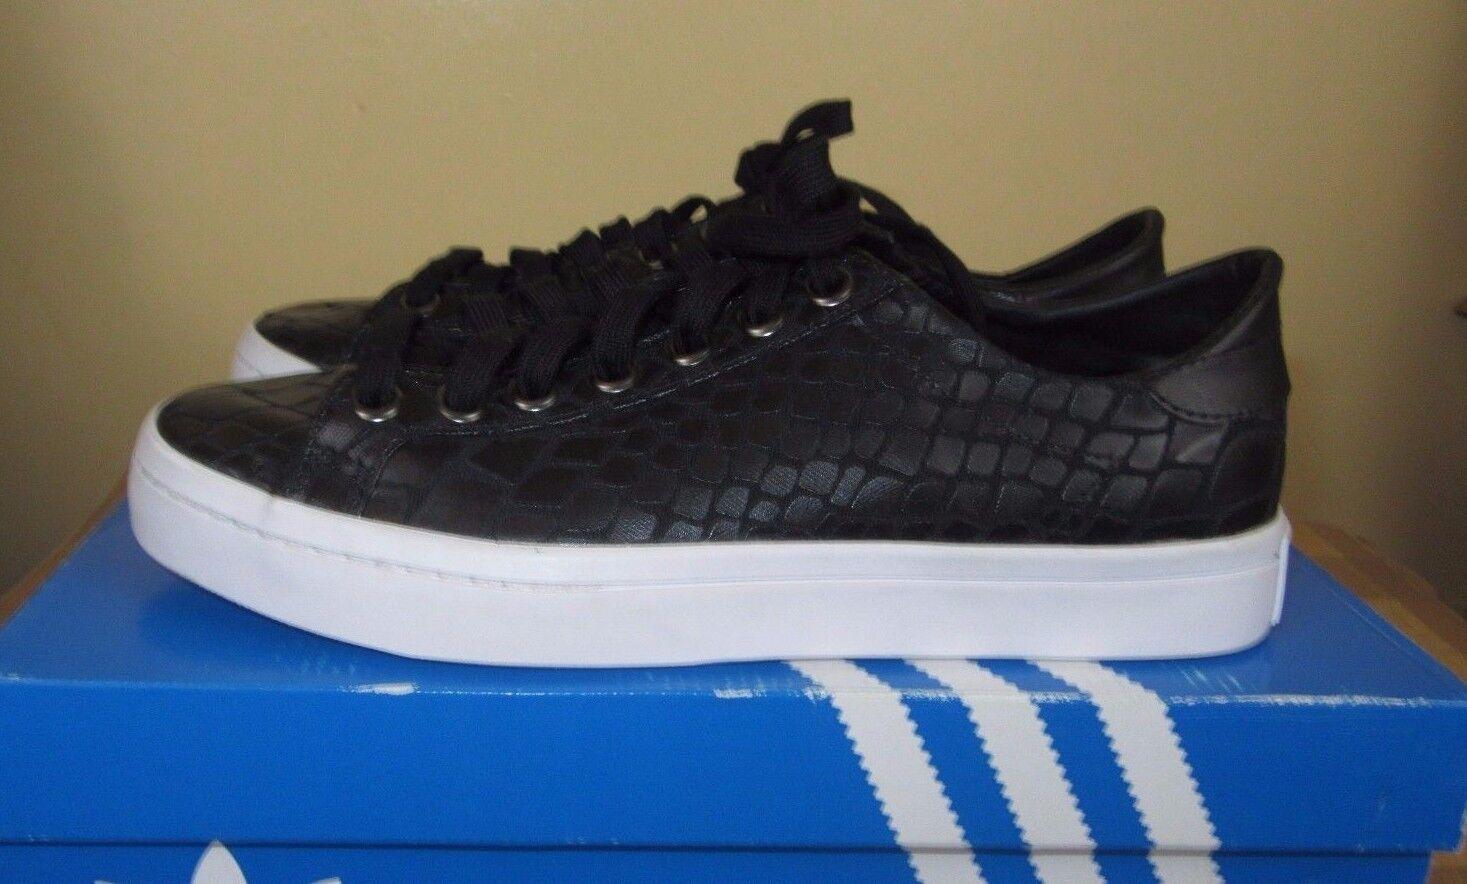 Adidas Originals Court Vantage chaussures in noir